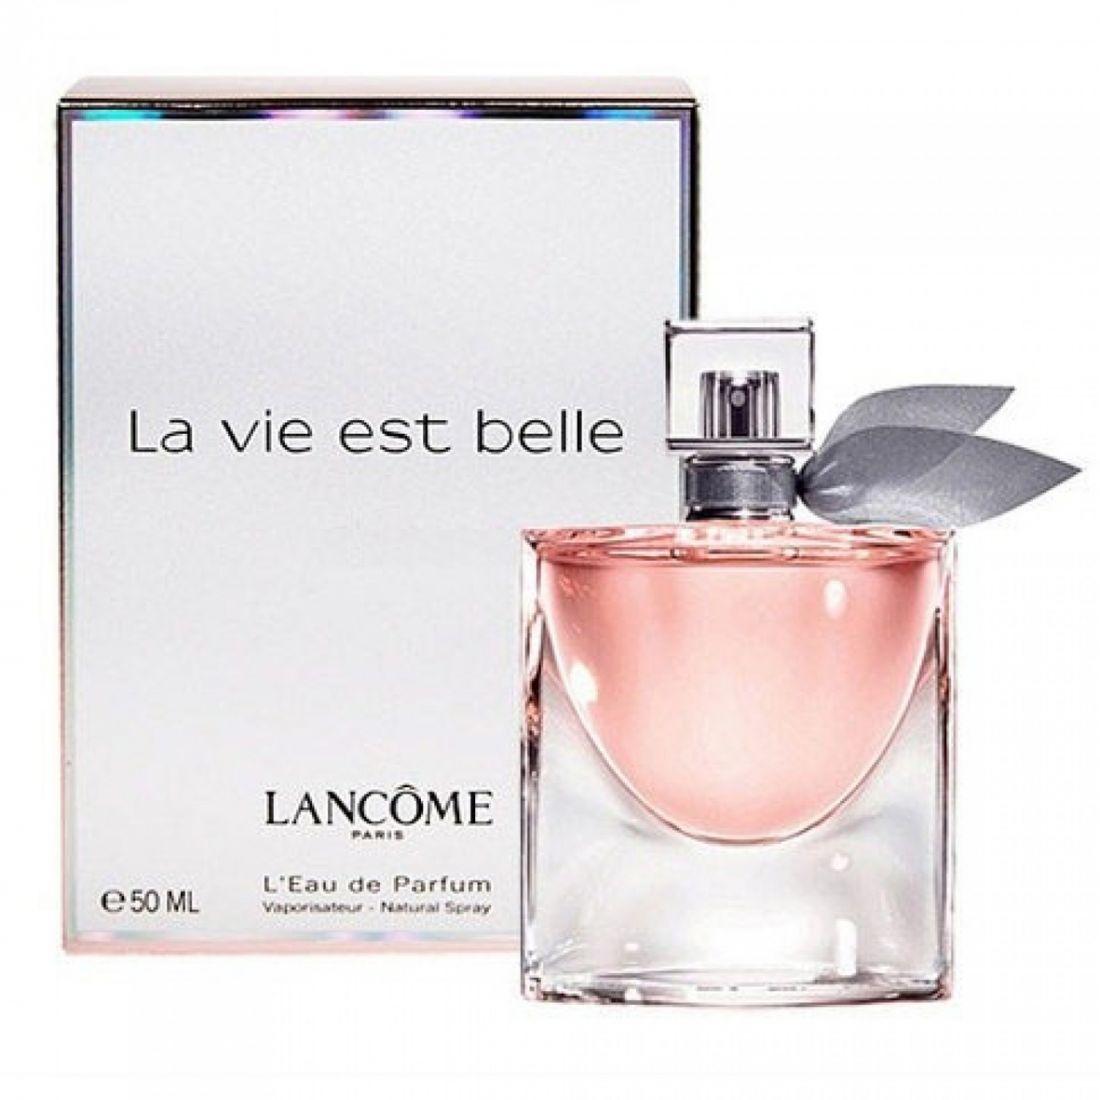 Lancome - La Vie Est Belle, 50 ml